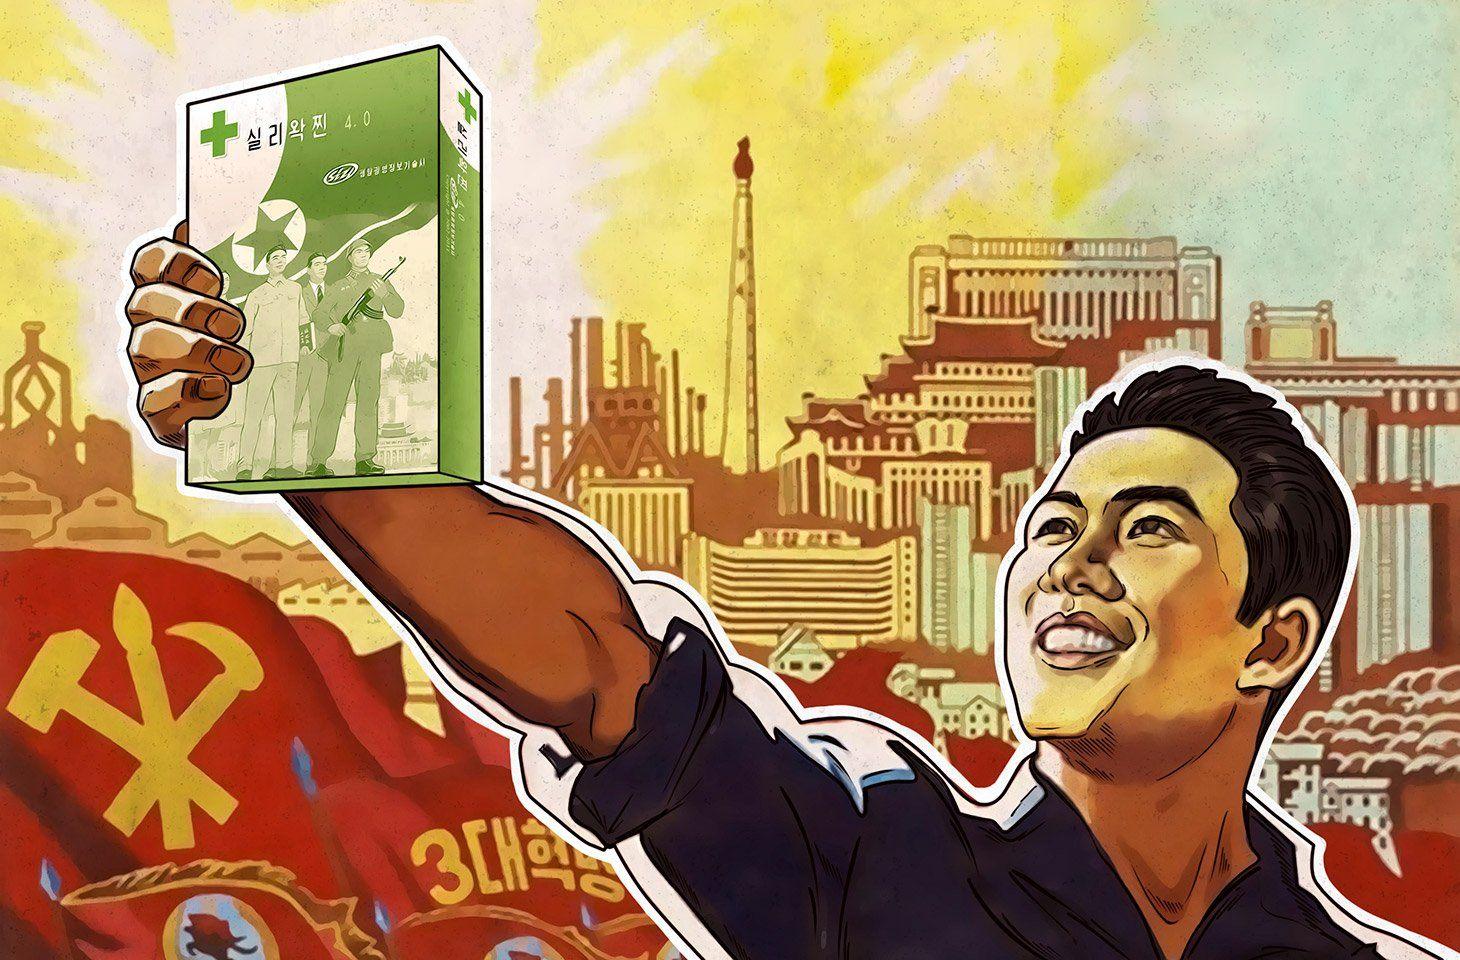 Experten haben im Code des nordkoreanischen Antivirus SiliVaccine viele interessante Dinge entdeckt